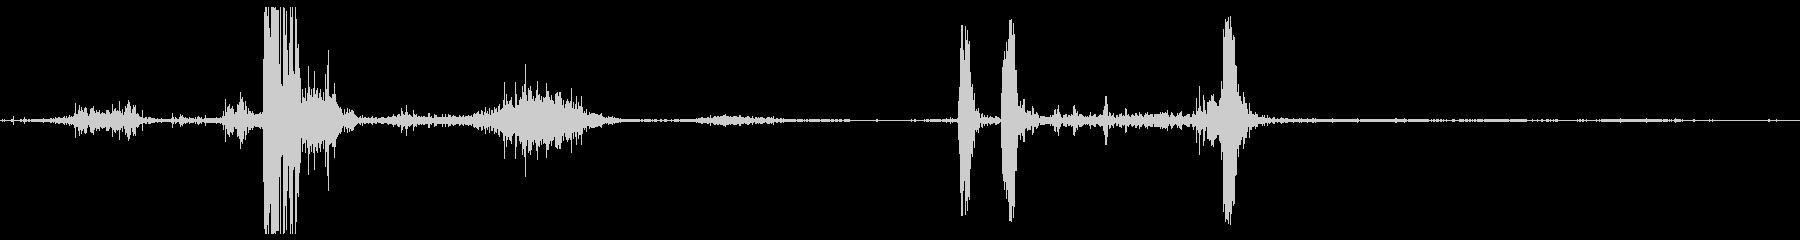 ボディフォールサンプの未再生の波形